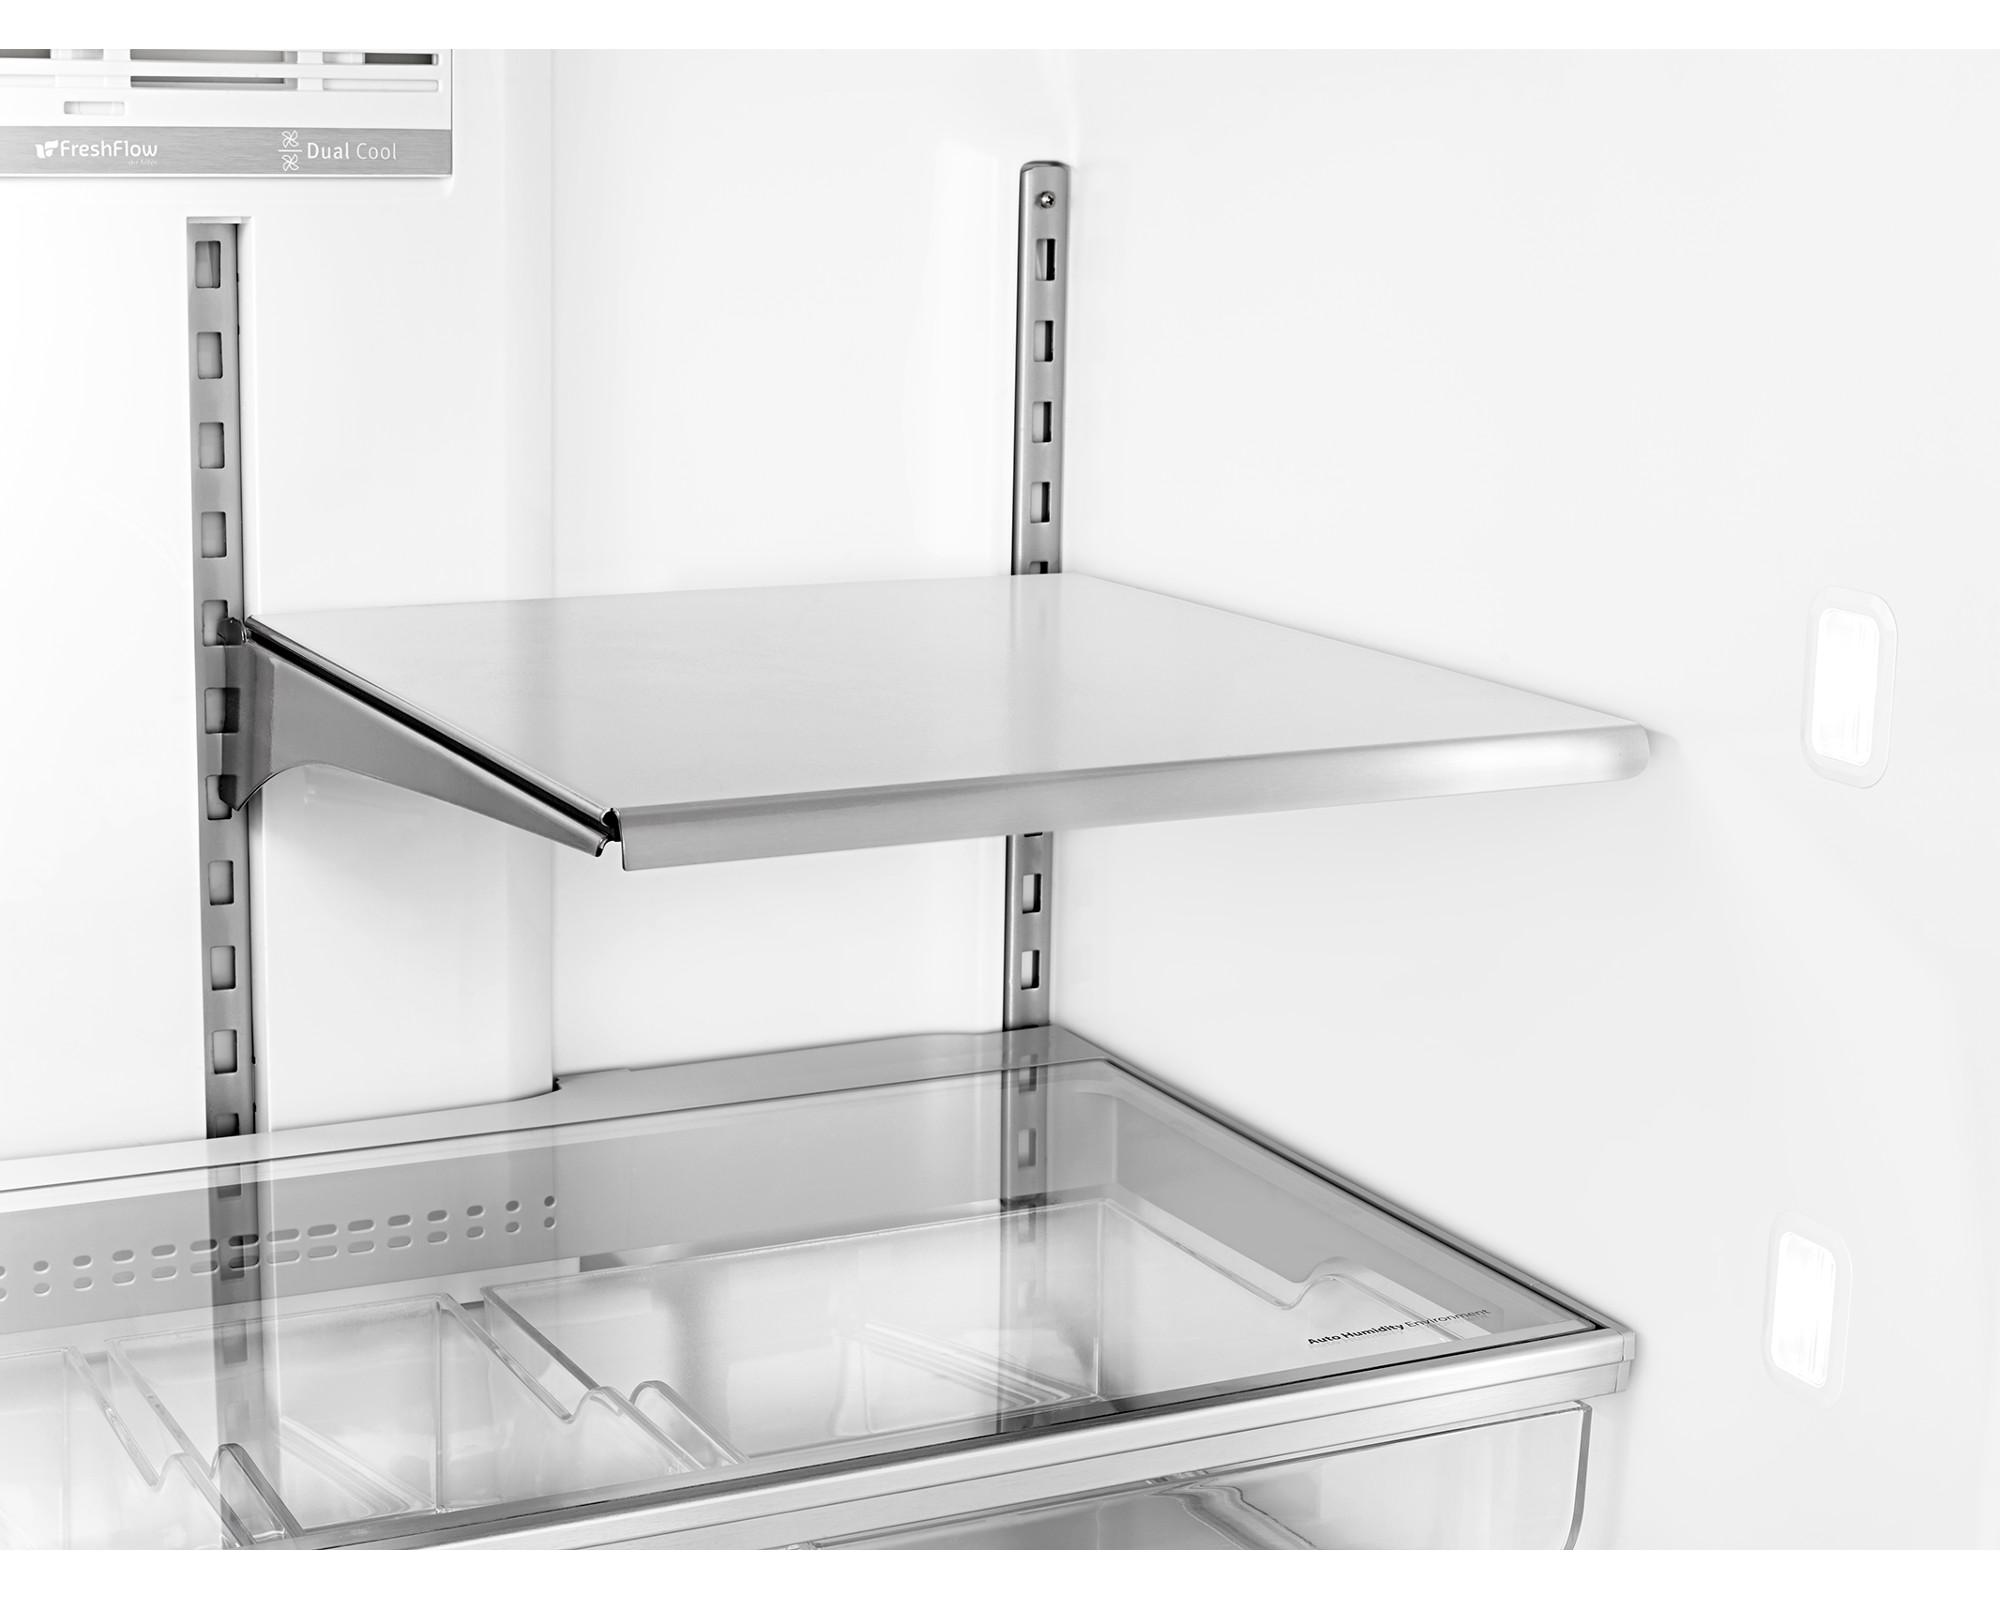 Maytag MFX2876DRE 26 cu. ft. 4-Door French Door Bottom Freezer Refrigerator w/ Steel Shelves - Black